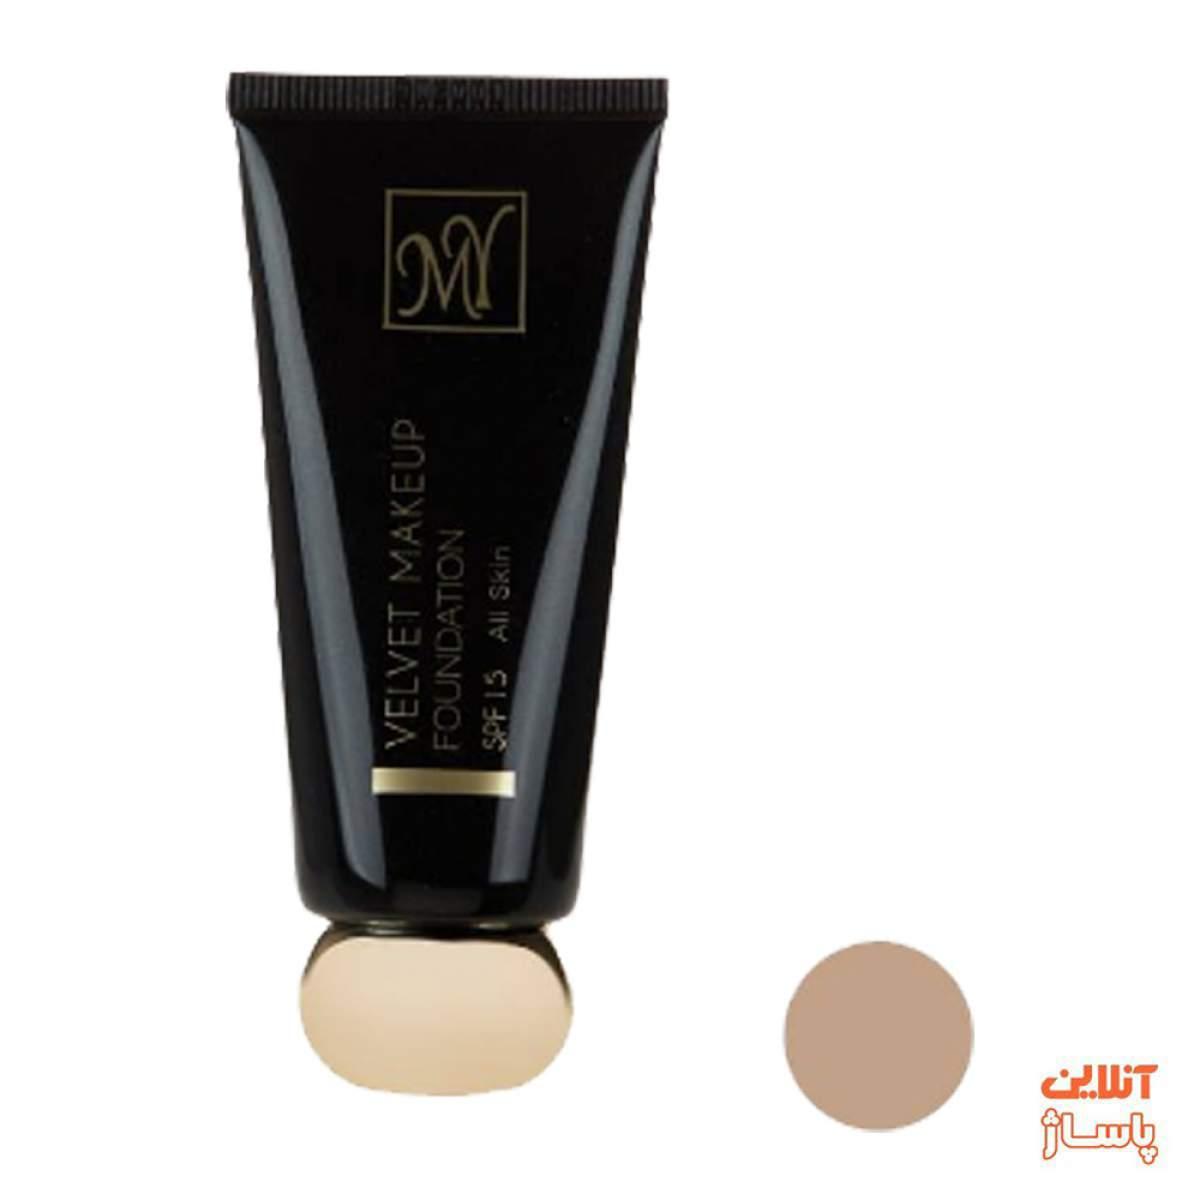 کرم پودر مای سری Black Diamond مدل Velvet Makeup شماره 05